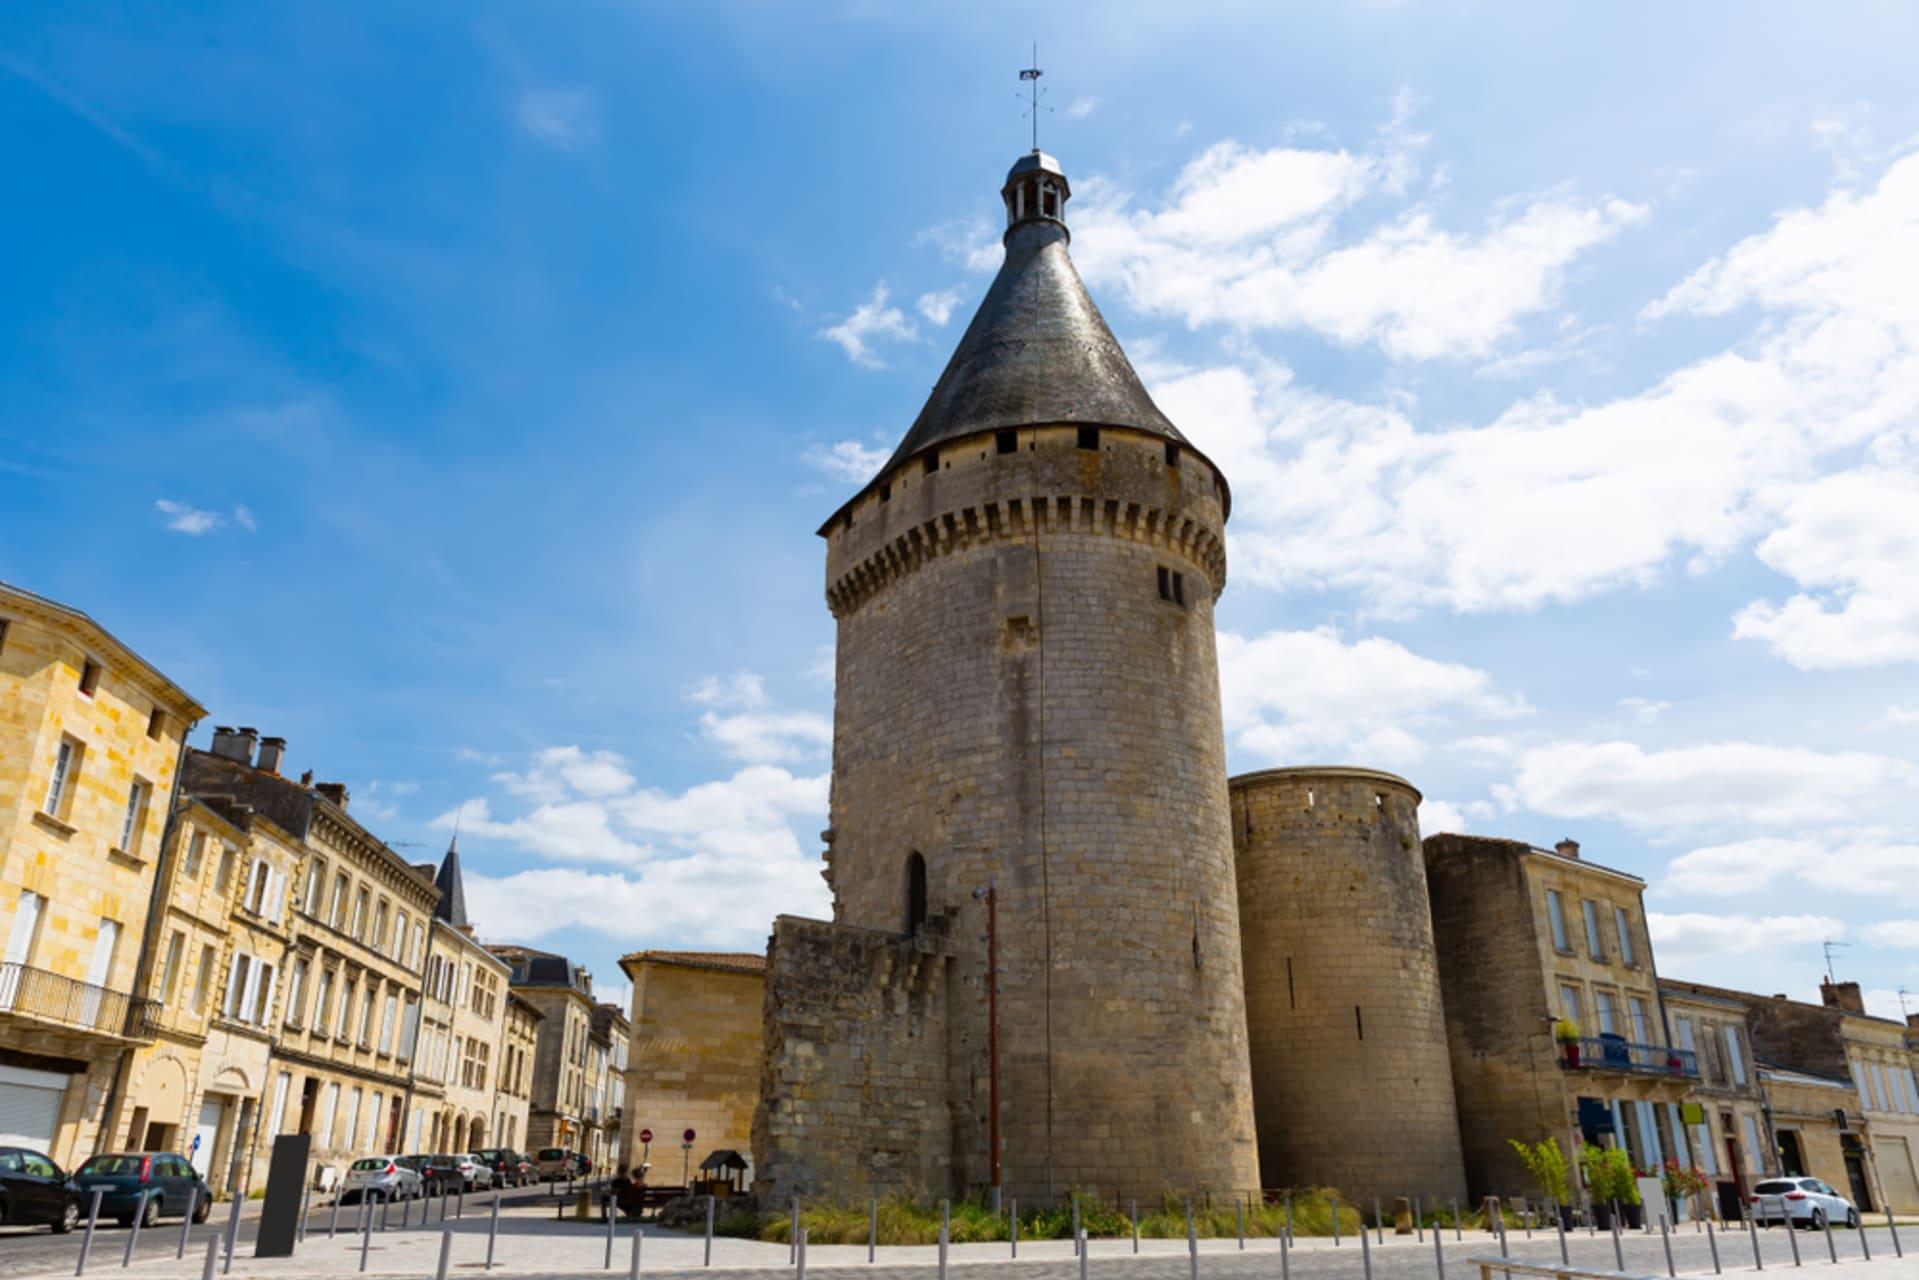 Nouvelle-Aquitaine - Libourne - Bordeaux's Secret Sister - Medieval Town & Market